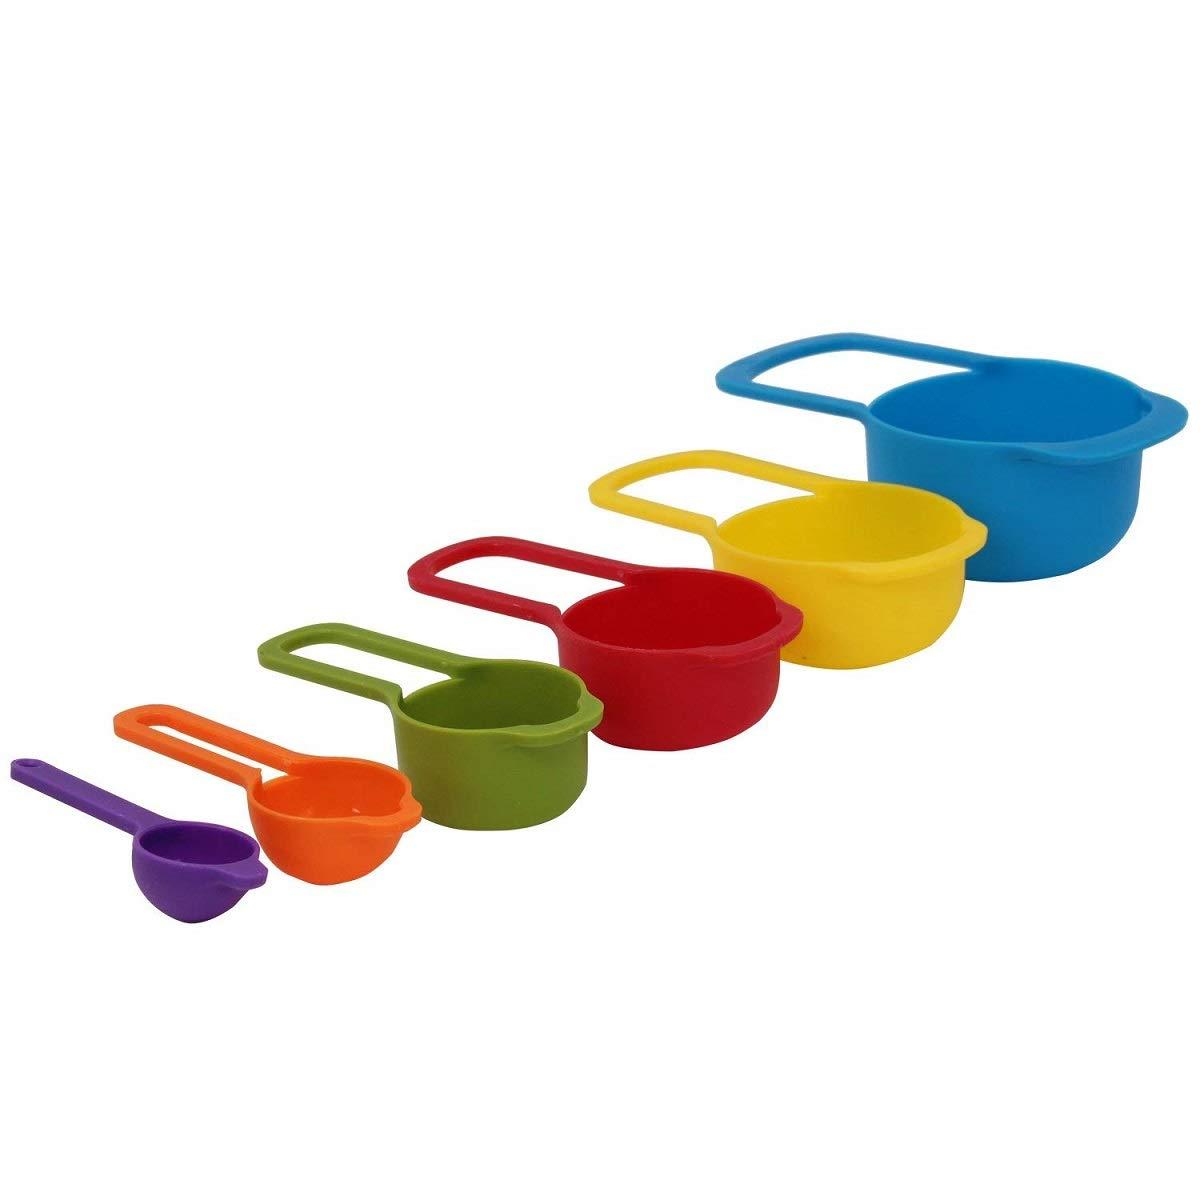 impilabili in plastica colorata per utensili da cucina Romote Set di 6 misurini e cucchiai